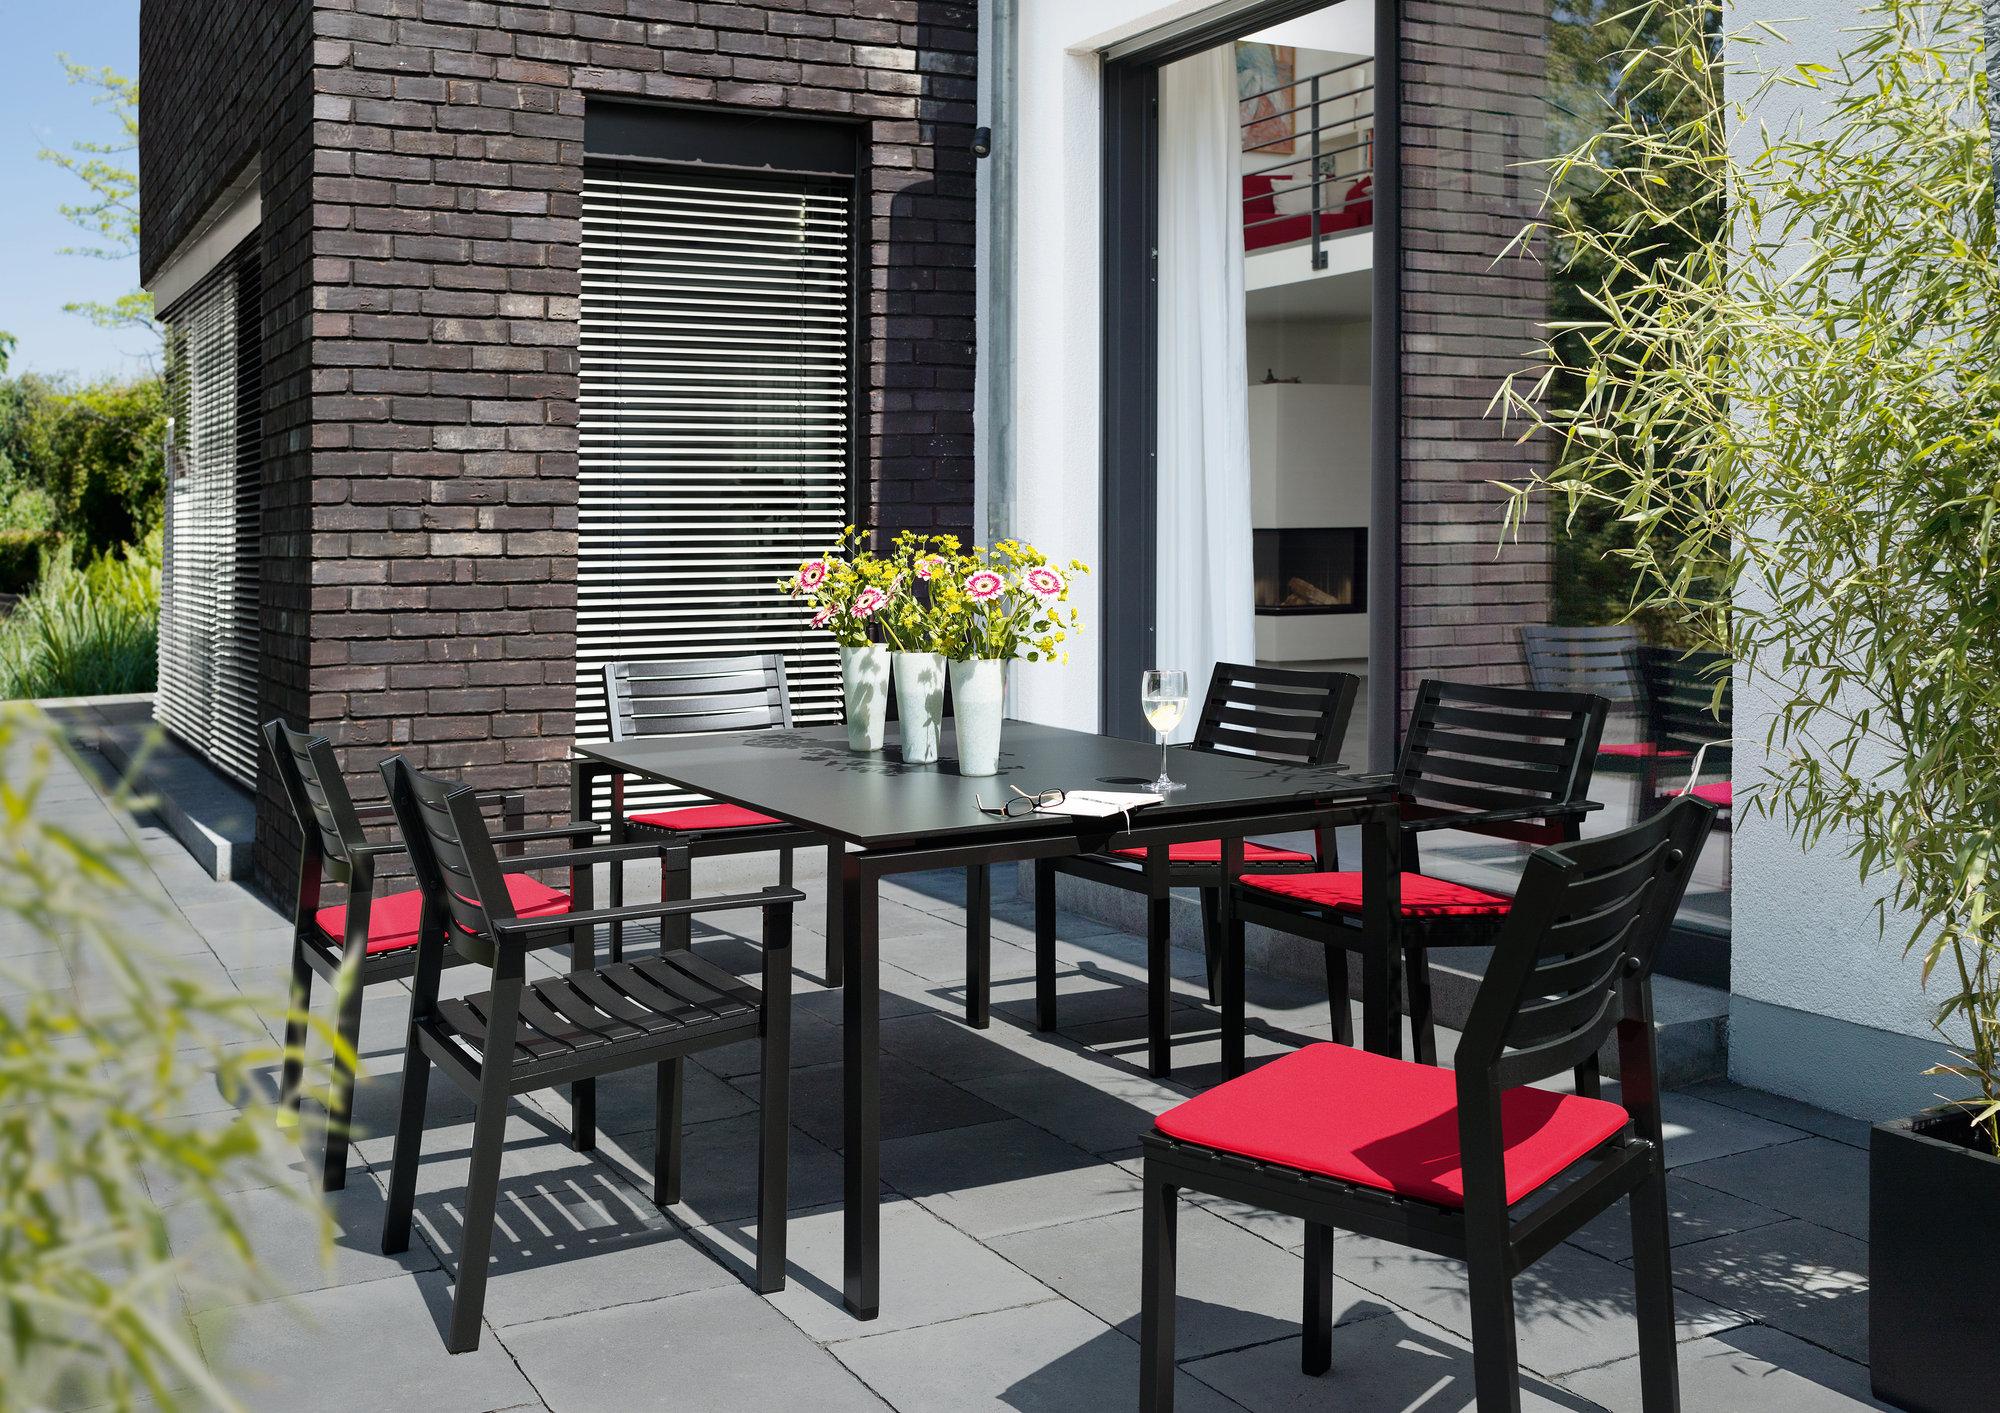 Mobilier De Jardin Merignac mobilier de jardin bordeaux - magasin de plantes et arbres